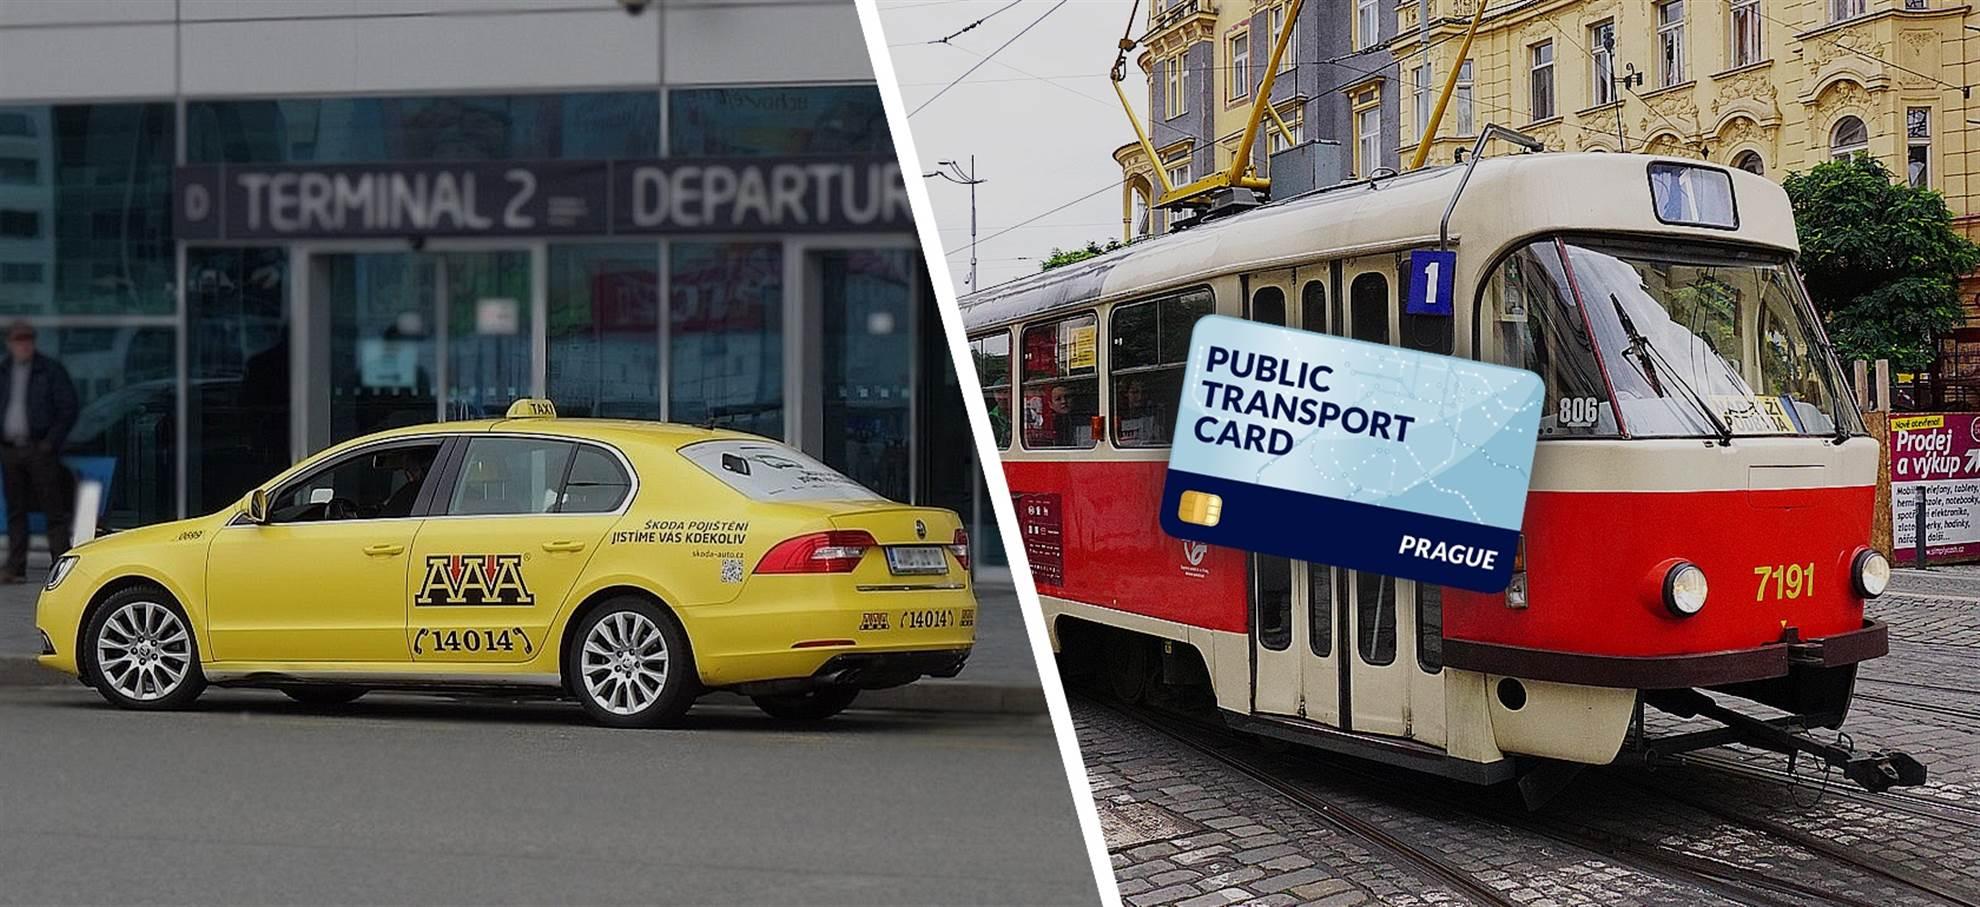 Prague Travel Card